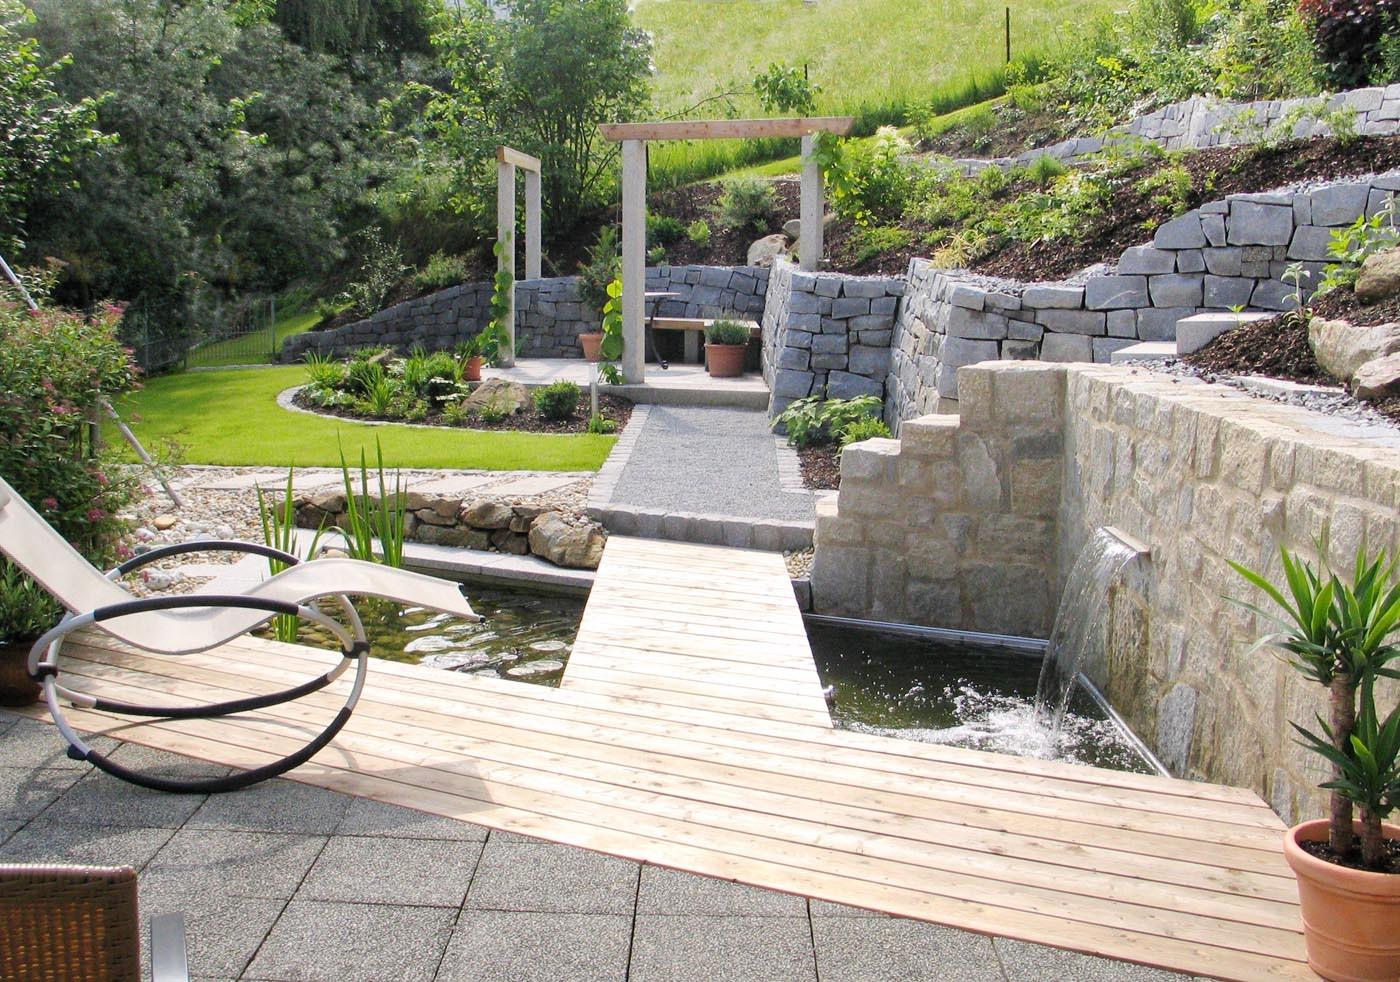 terrassen sitzplaetze holz gartengestaltung gartenbau reischl bayerischer wald wasserbecken terrasse of wasserbecken terrasse